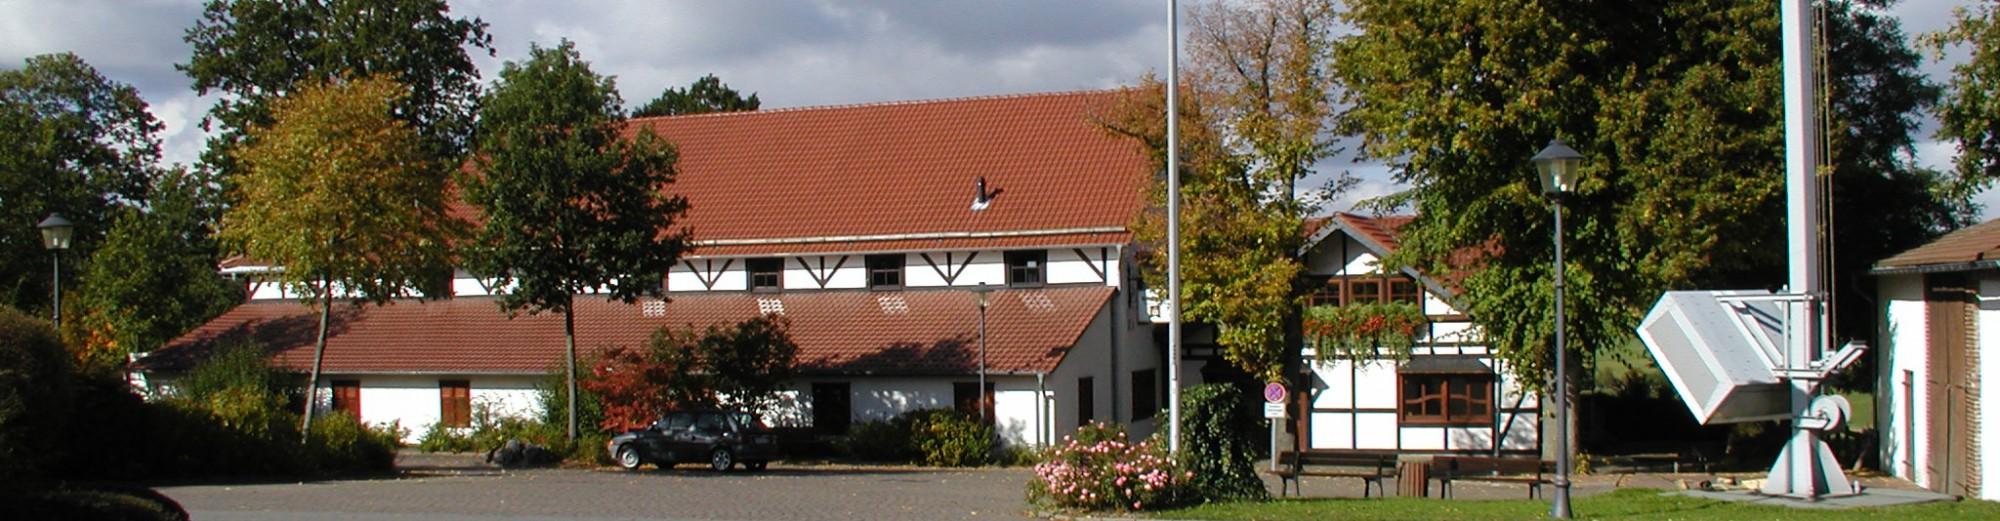 Schützenverein Erlinghausen e.V.